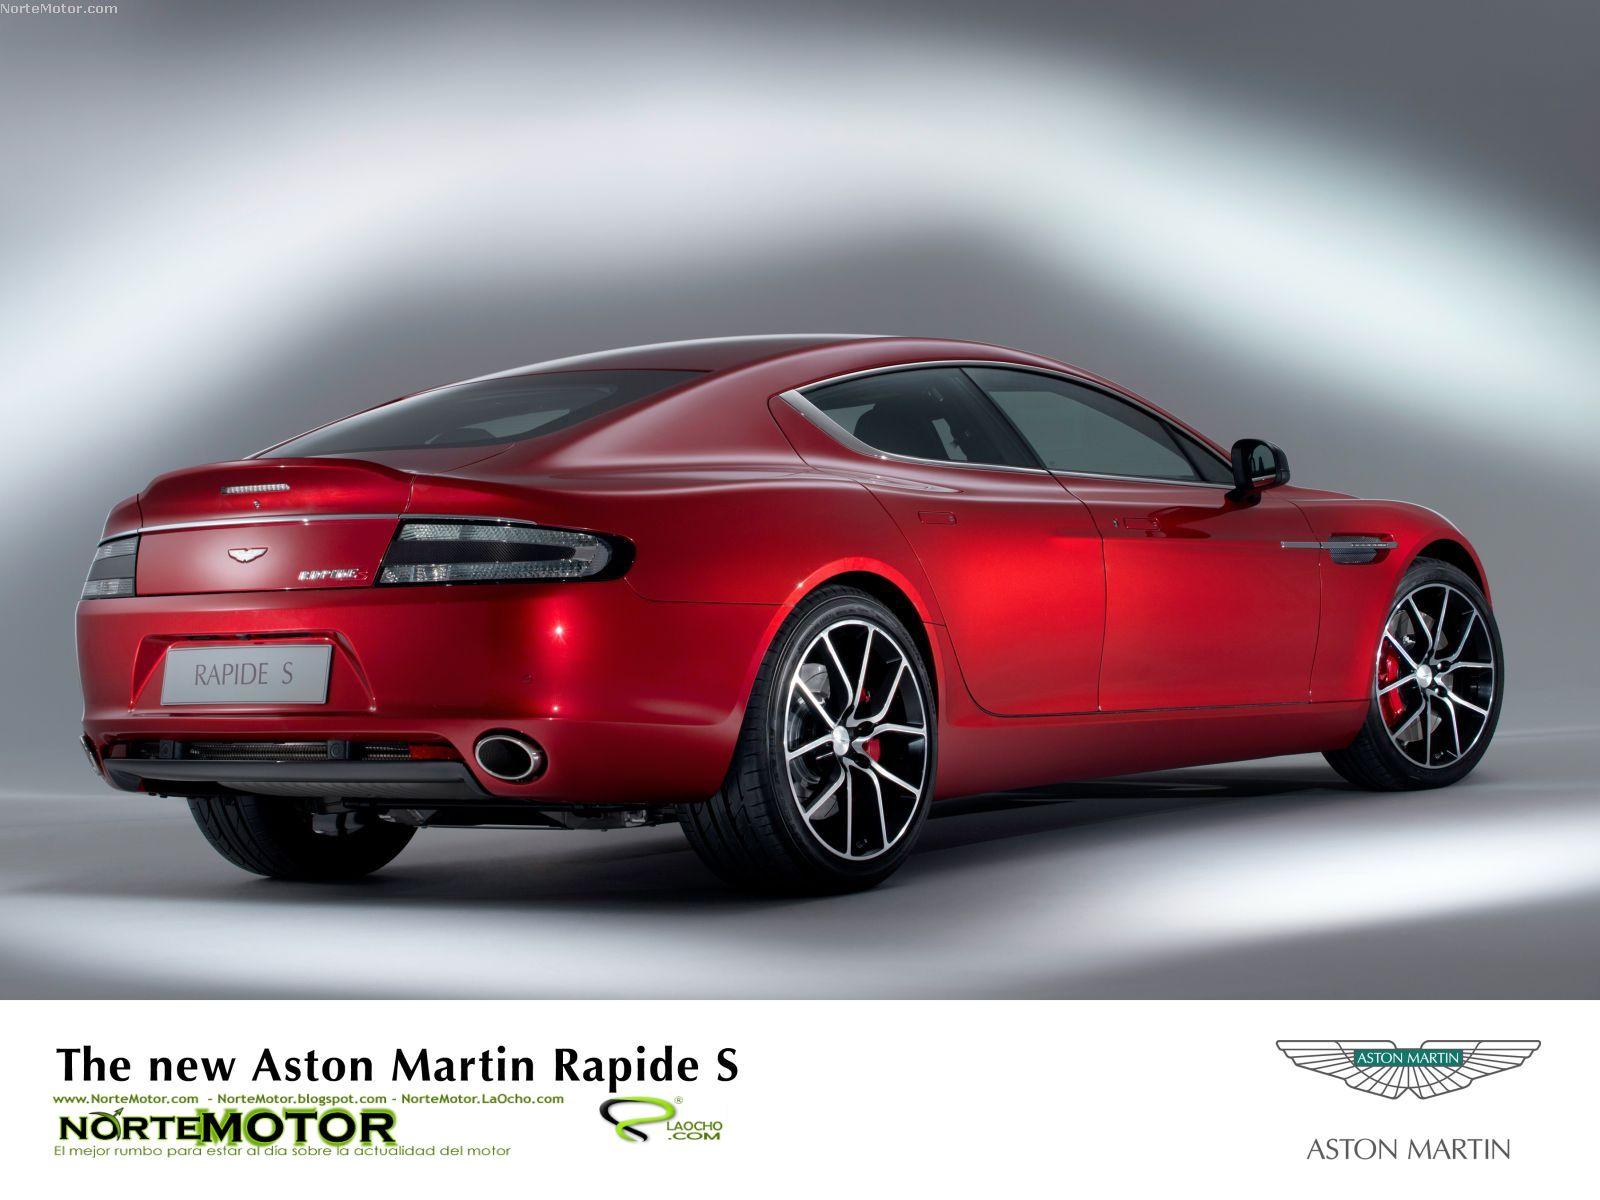 Revista Coche: Nuevo Aston Martin Rapide S 2014